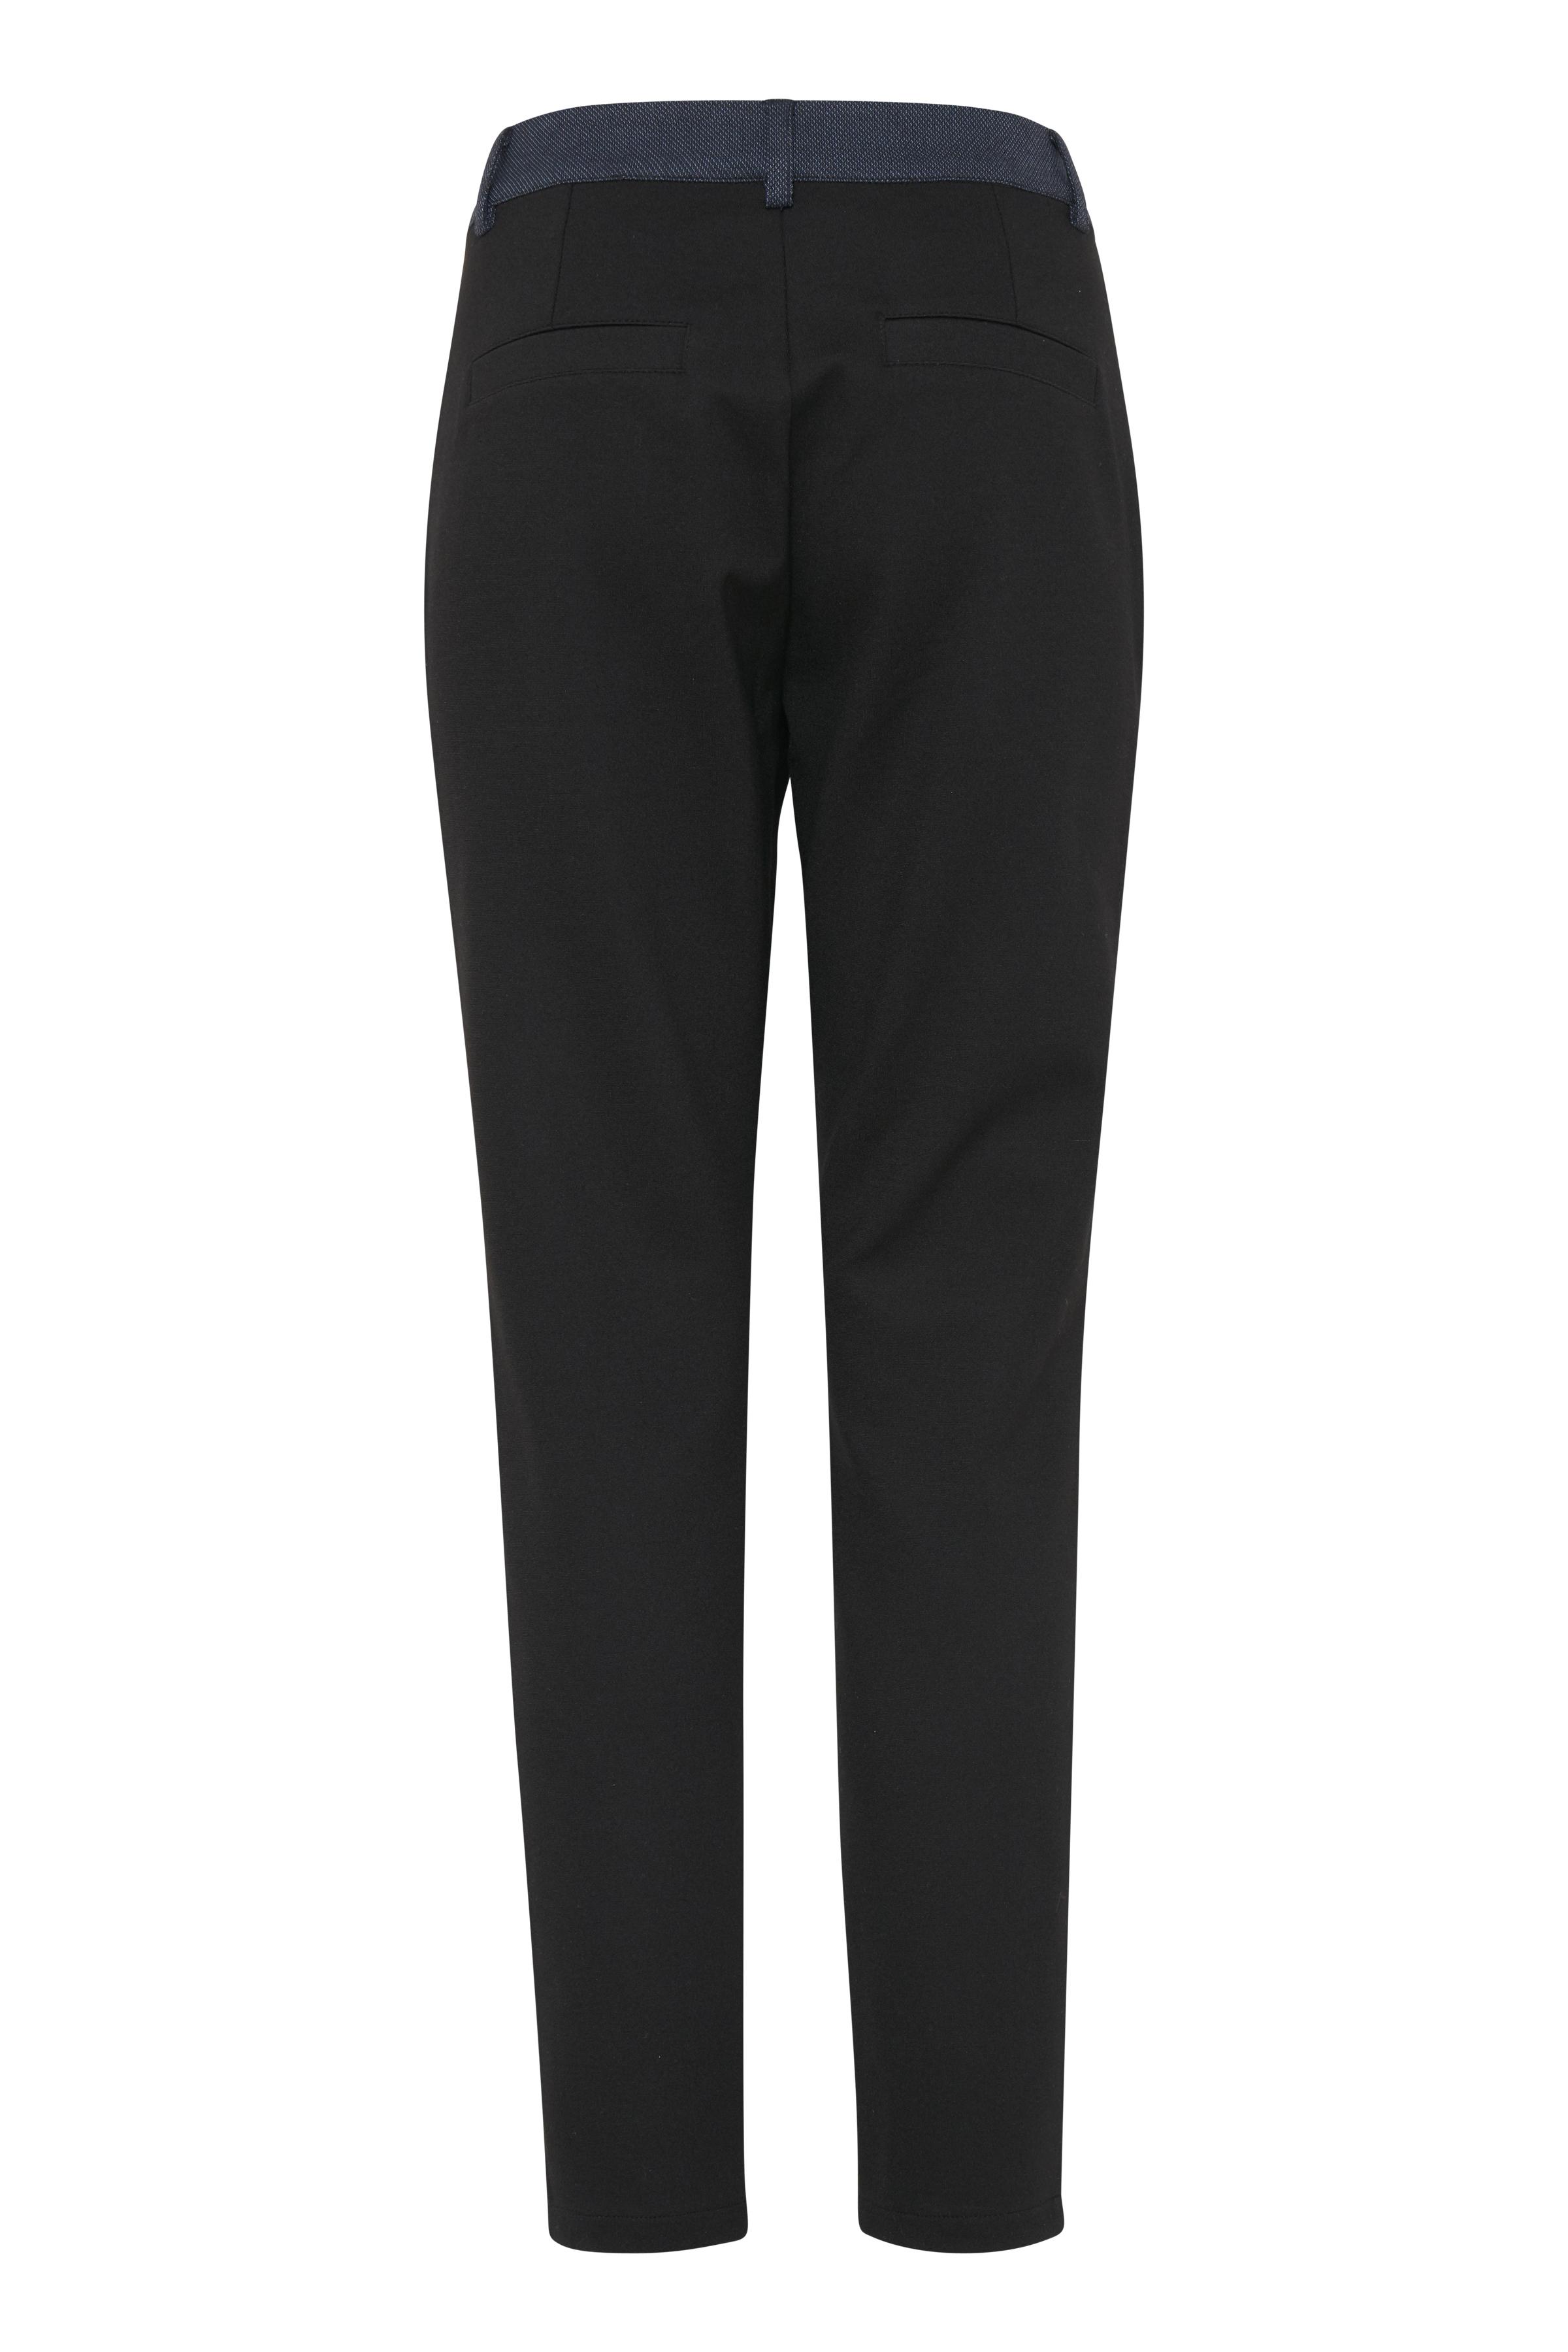 Sortmeleret Casual bukser fra Pulz Jeans – Køb Sortmeleret Casual bukser fra str. 32-46 her